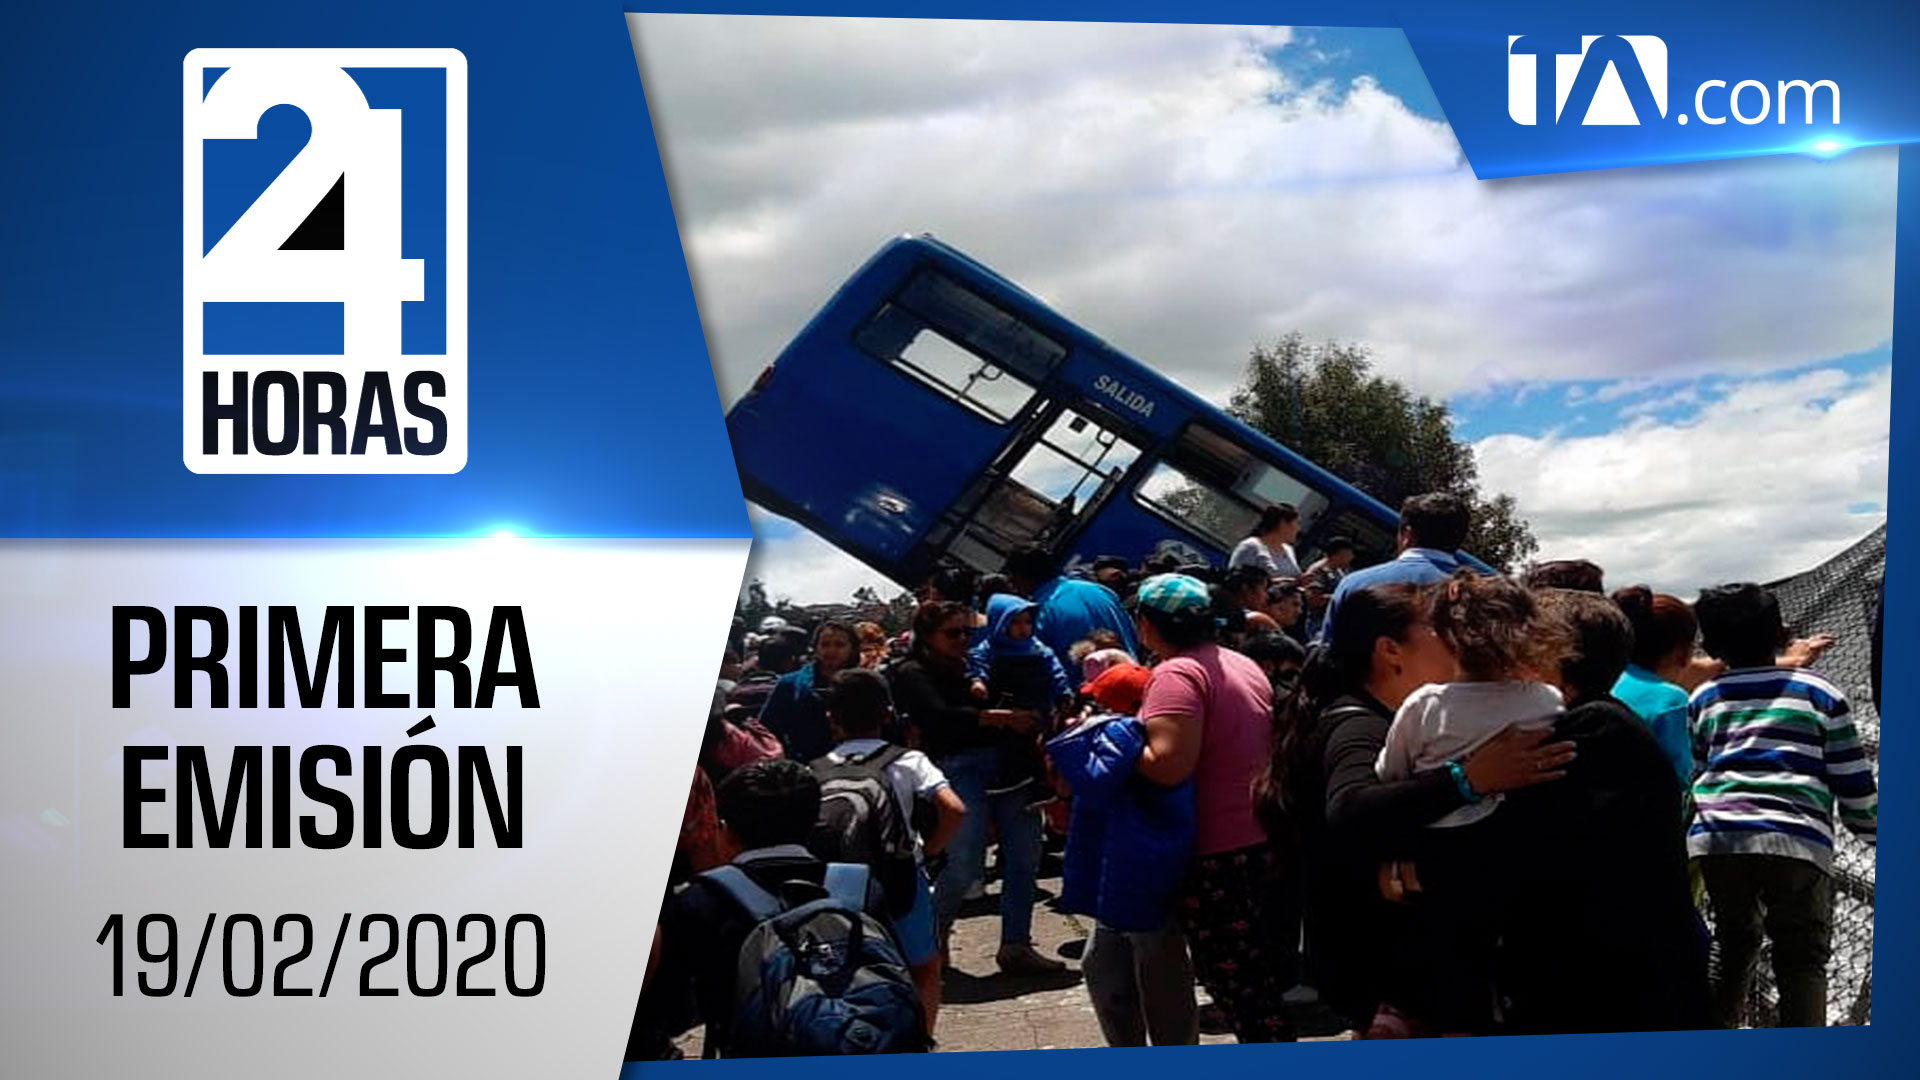 Noticias Ecuador: Noticiero 24 Horas 19/02/2020 (Primera Emisión)